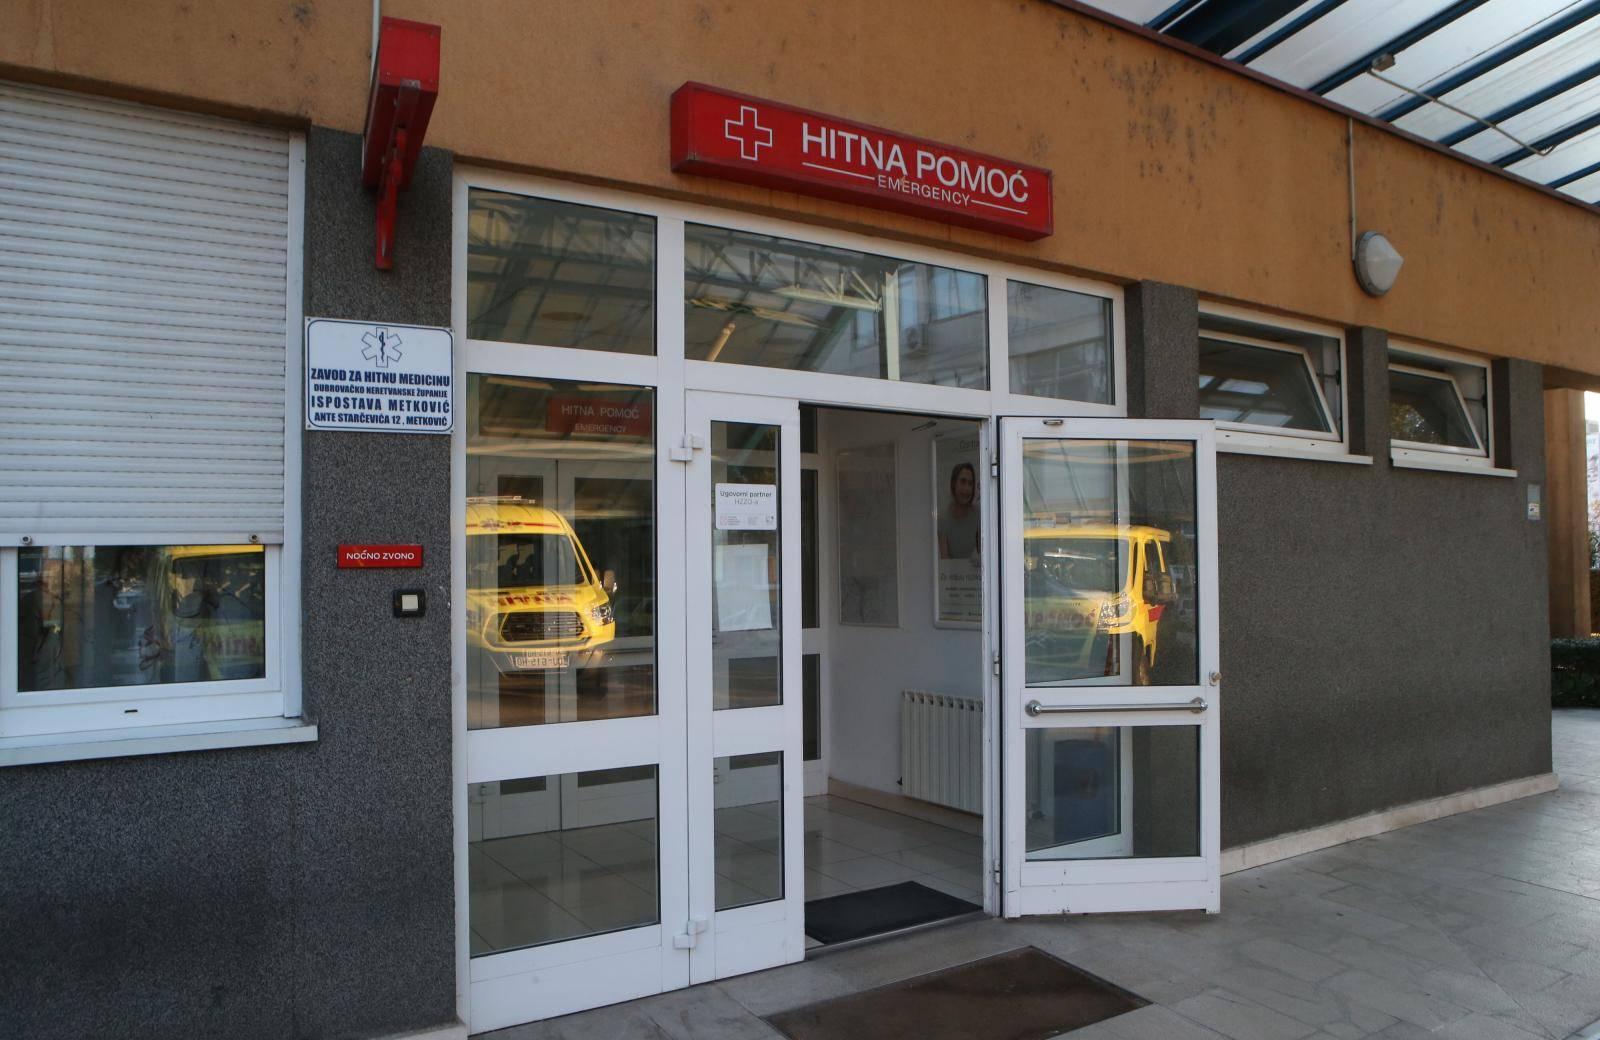 Hitne pacijente iz Metkovića će prevoziti u bolnicu u Mostaru?